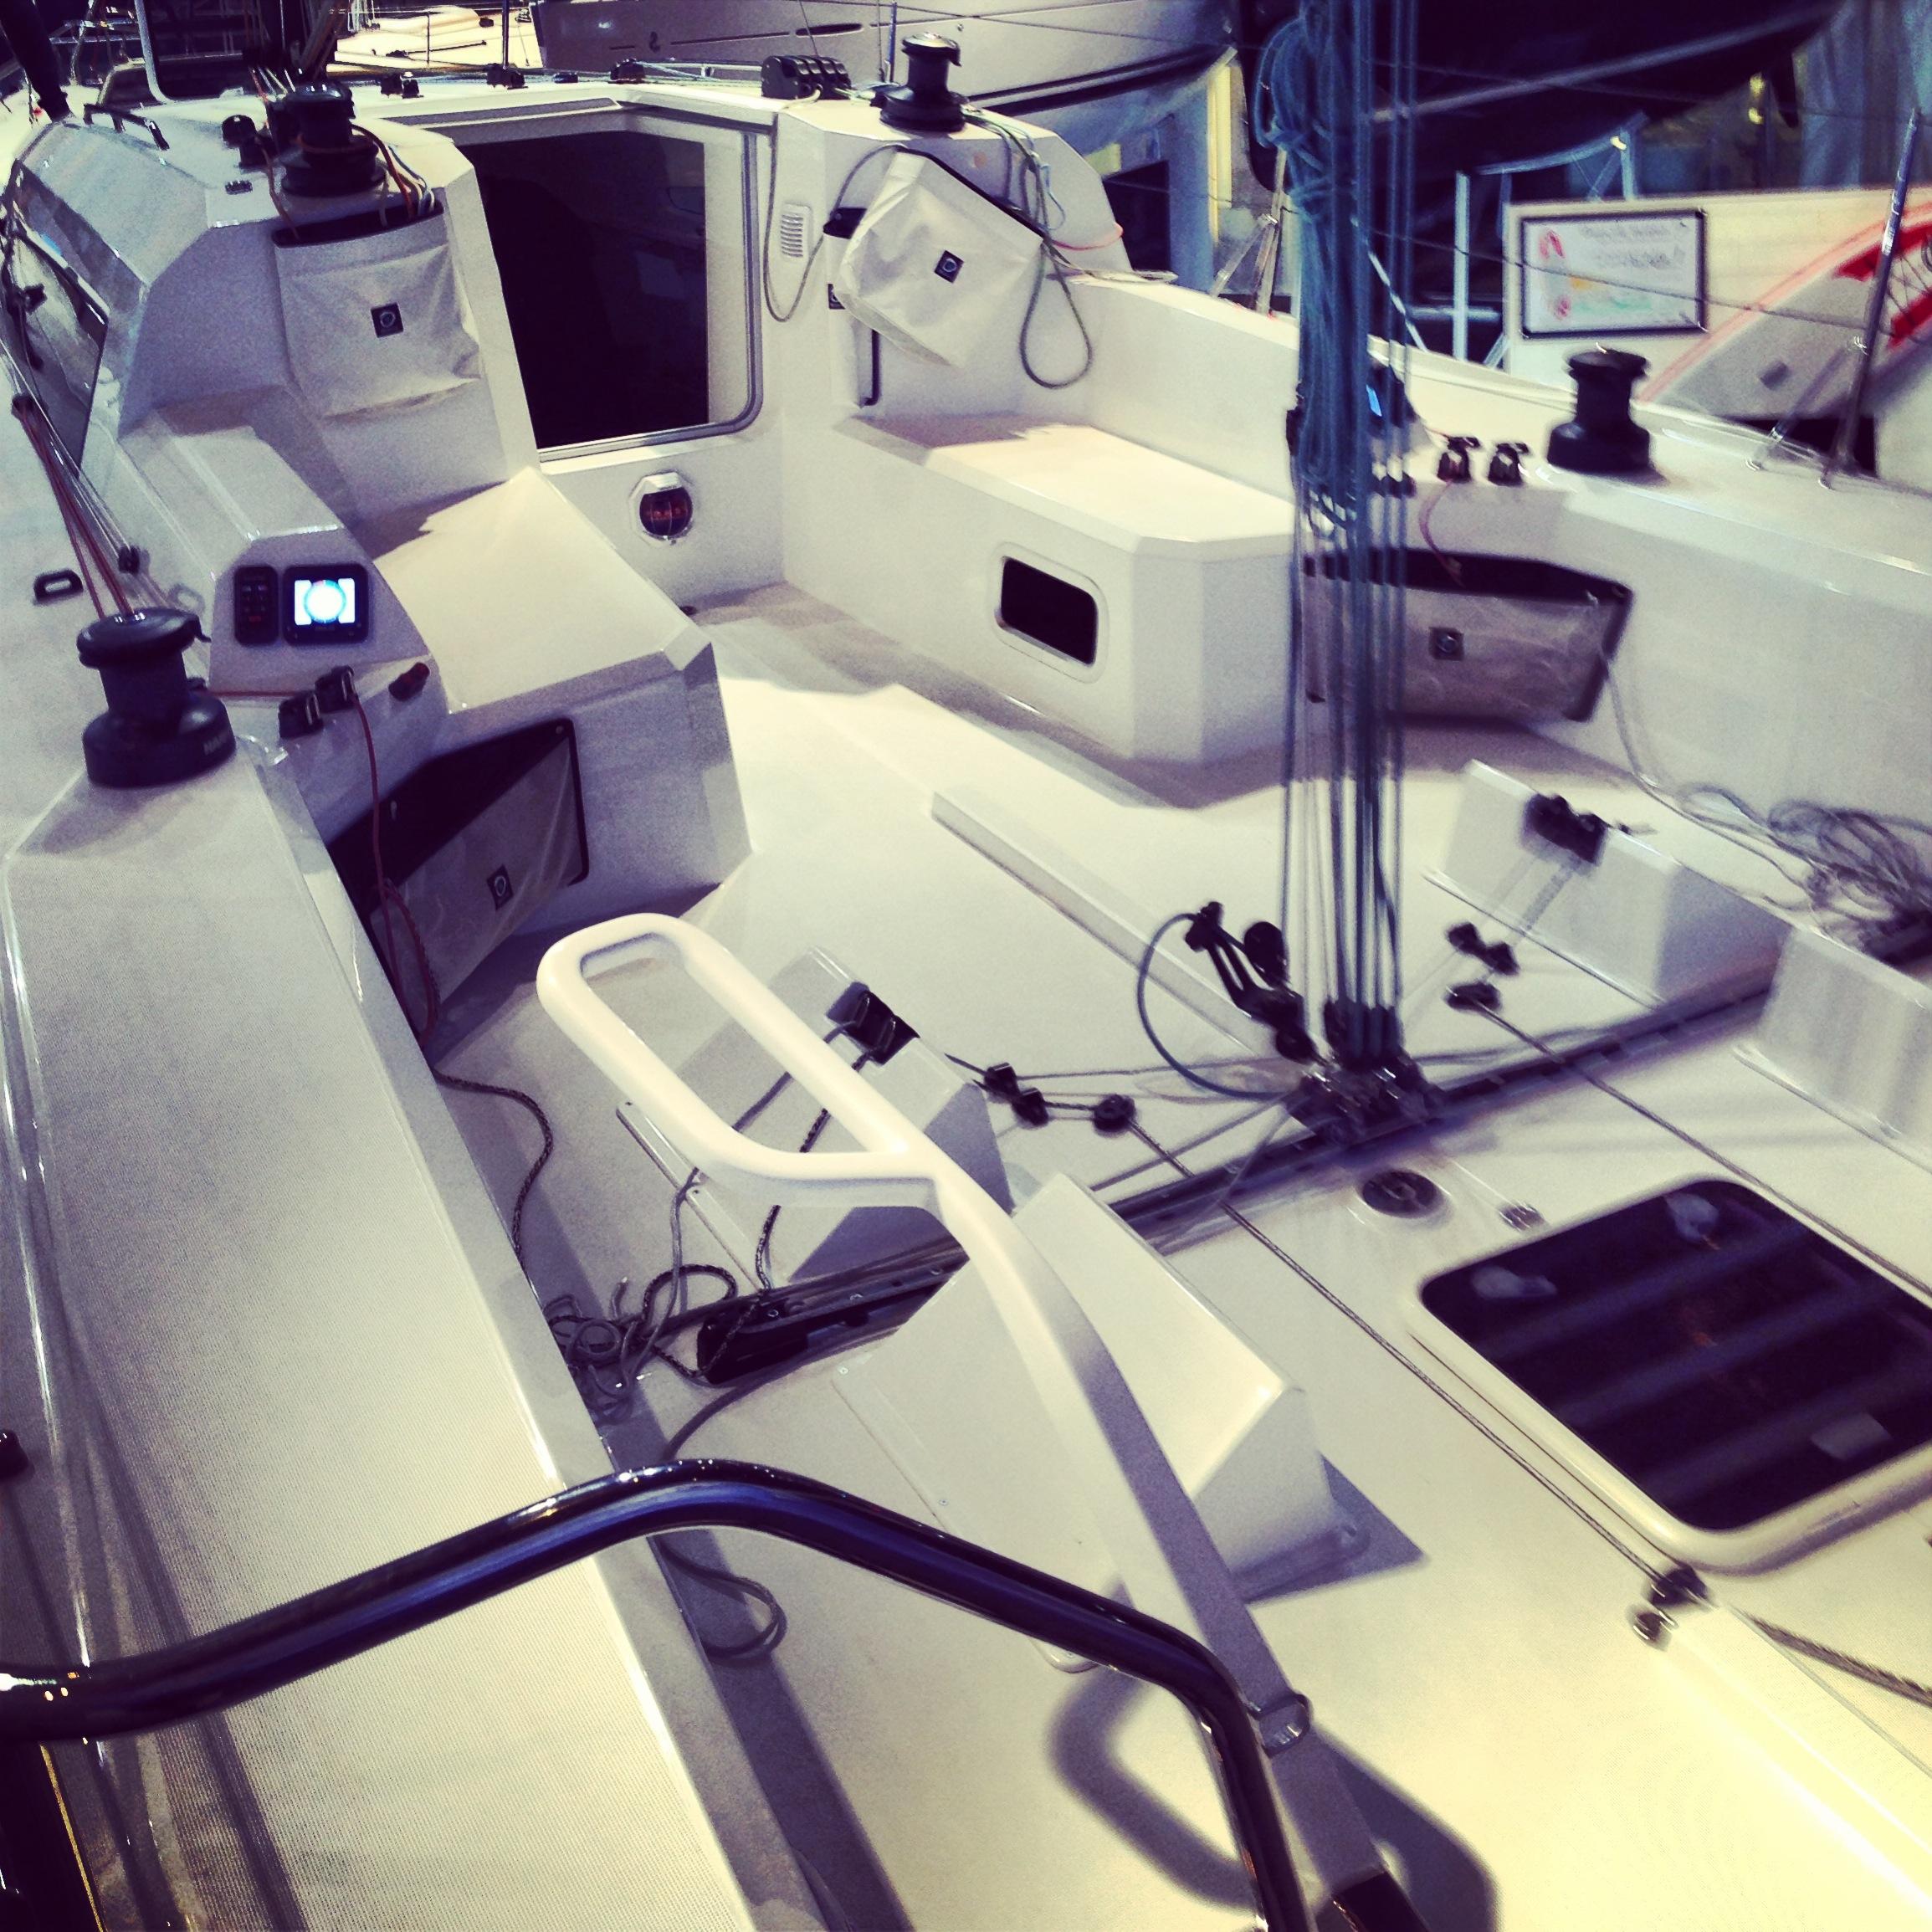 Le cockpit du voilier Jeanneau sun fast 3600